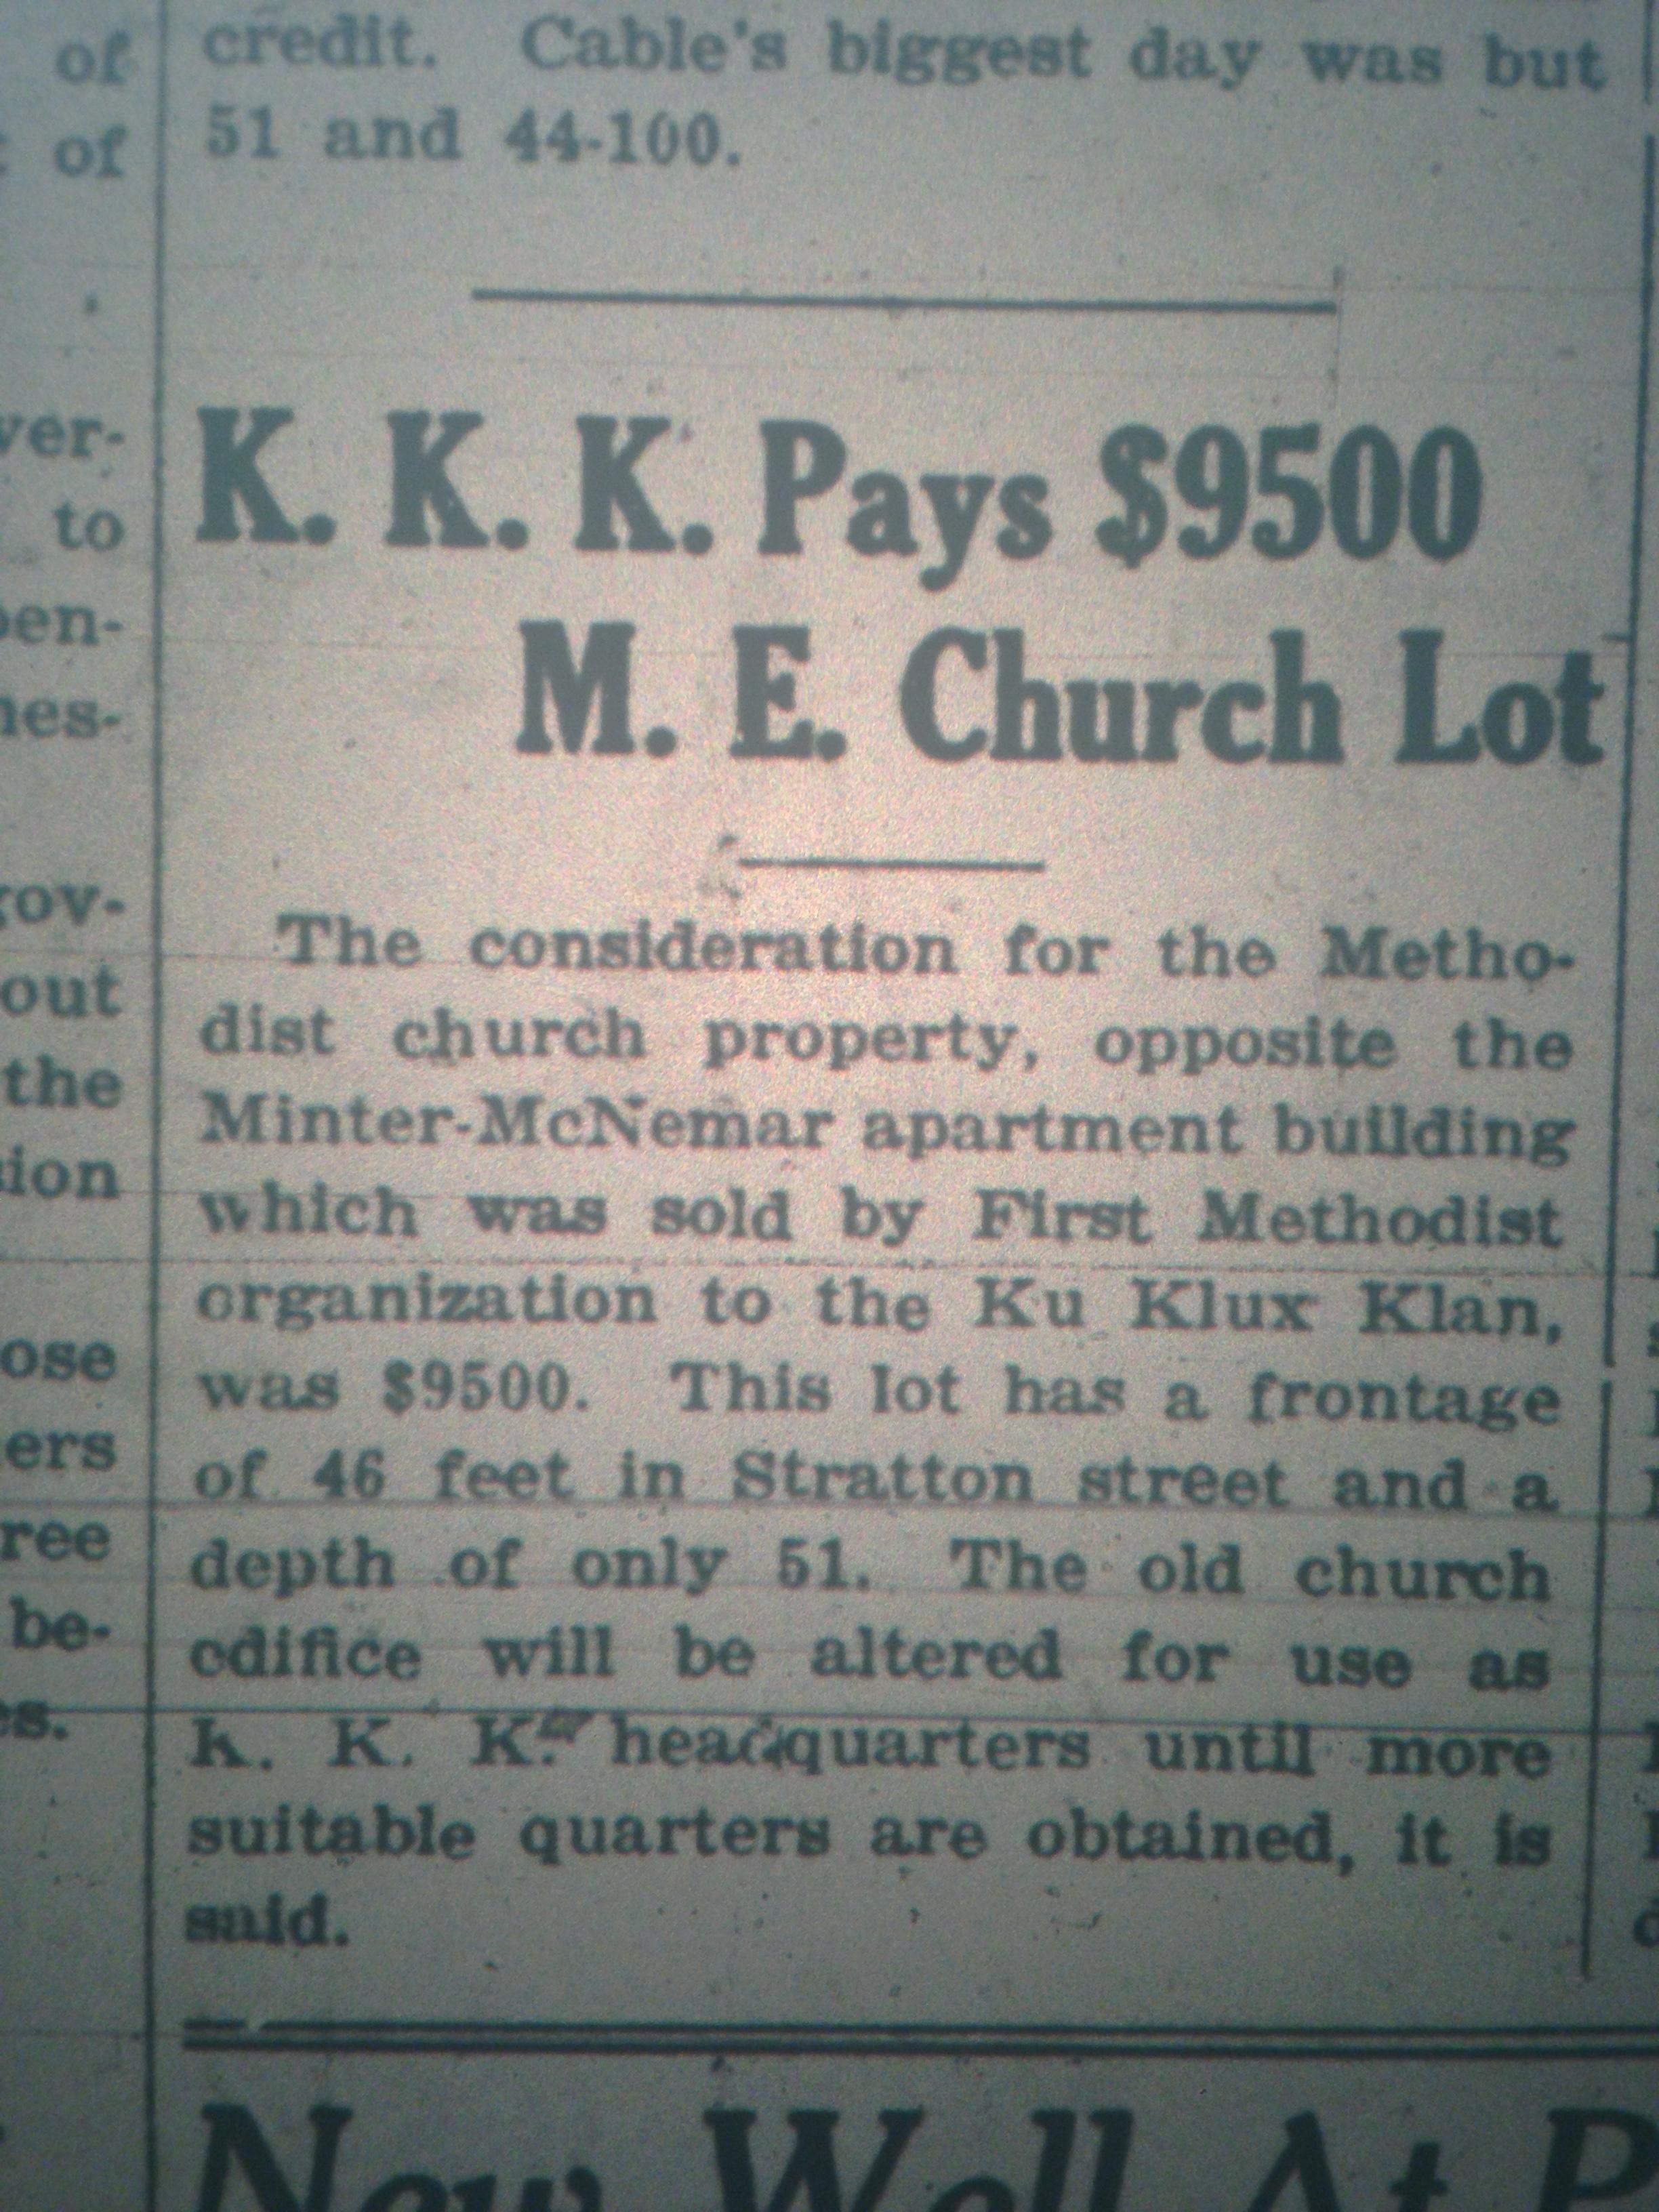 KKK Buys Lot in Logan LB 12.23.1927